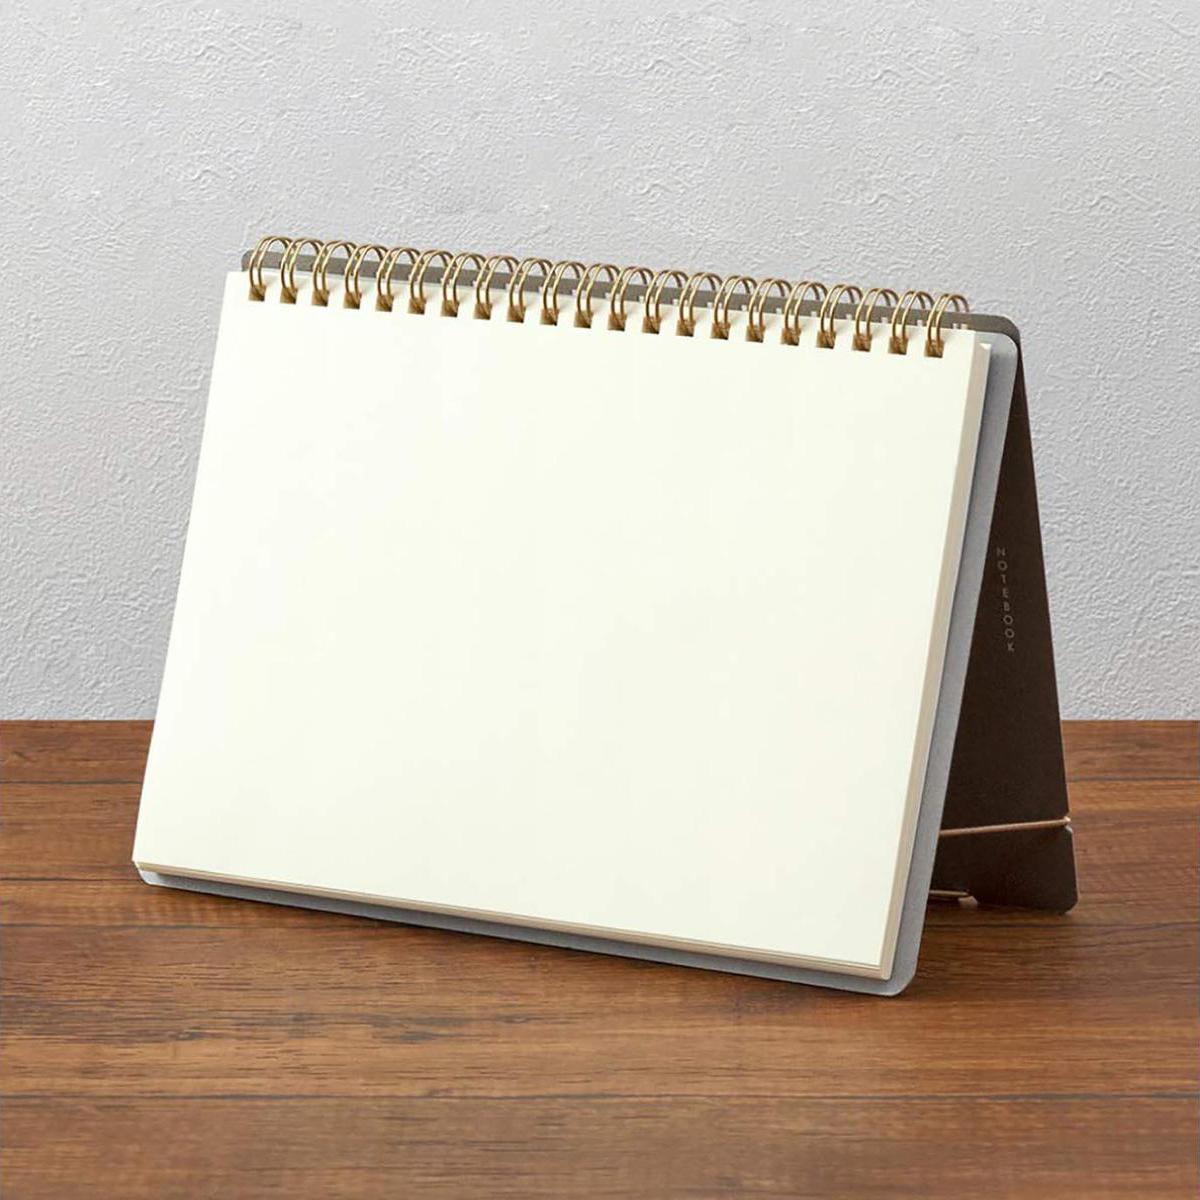 Comprar Midori Cuaderno de anillas Stand | A5 | Hojas Lisas | Likely.es